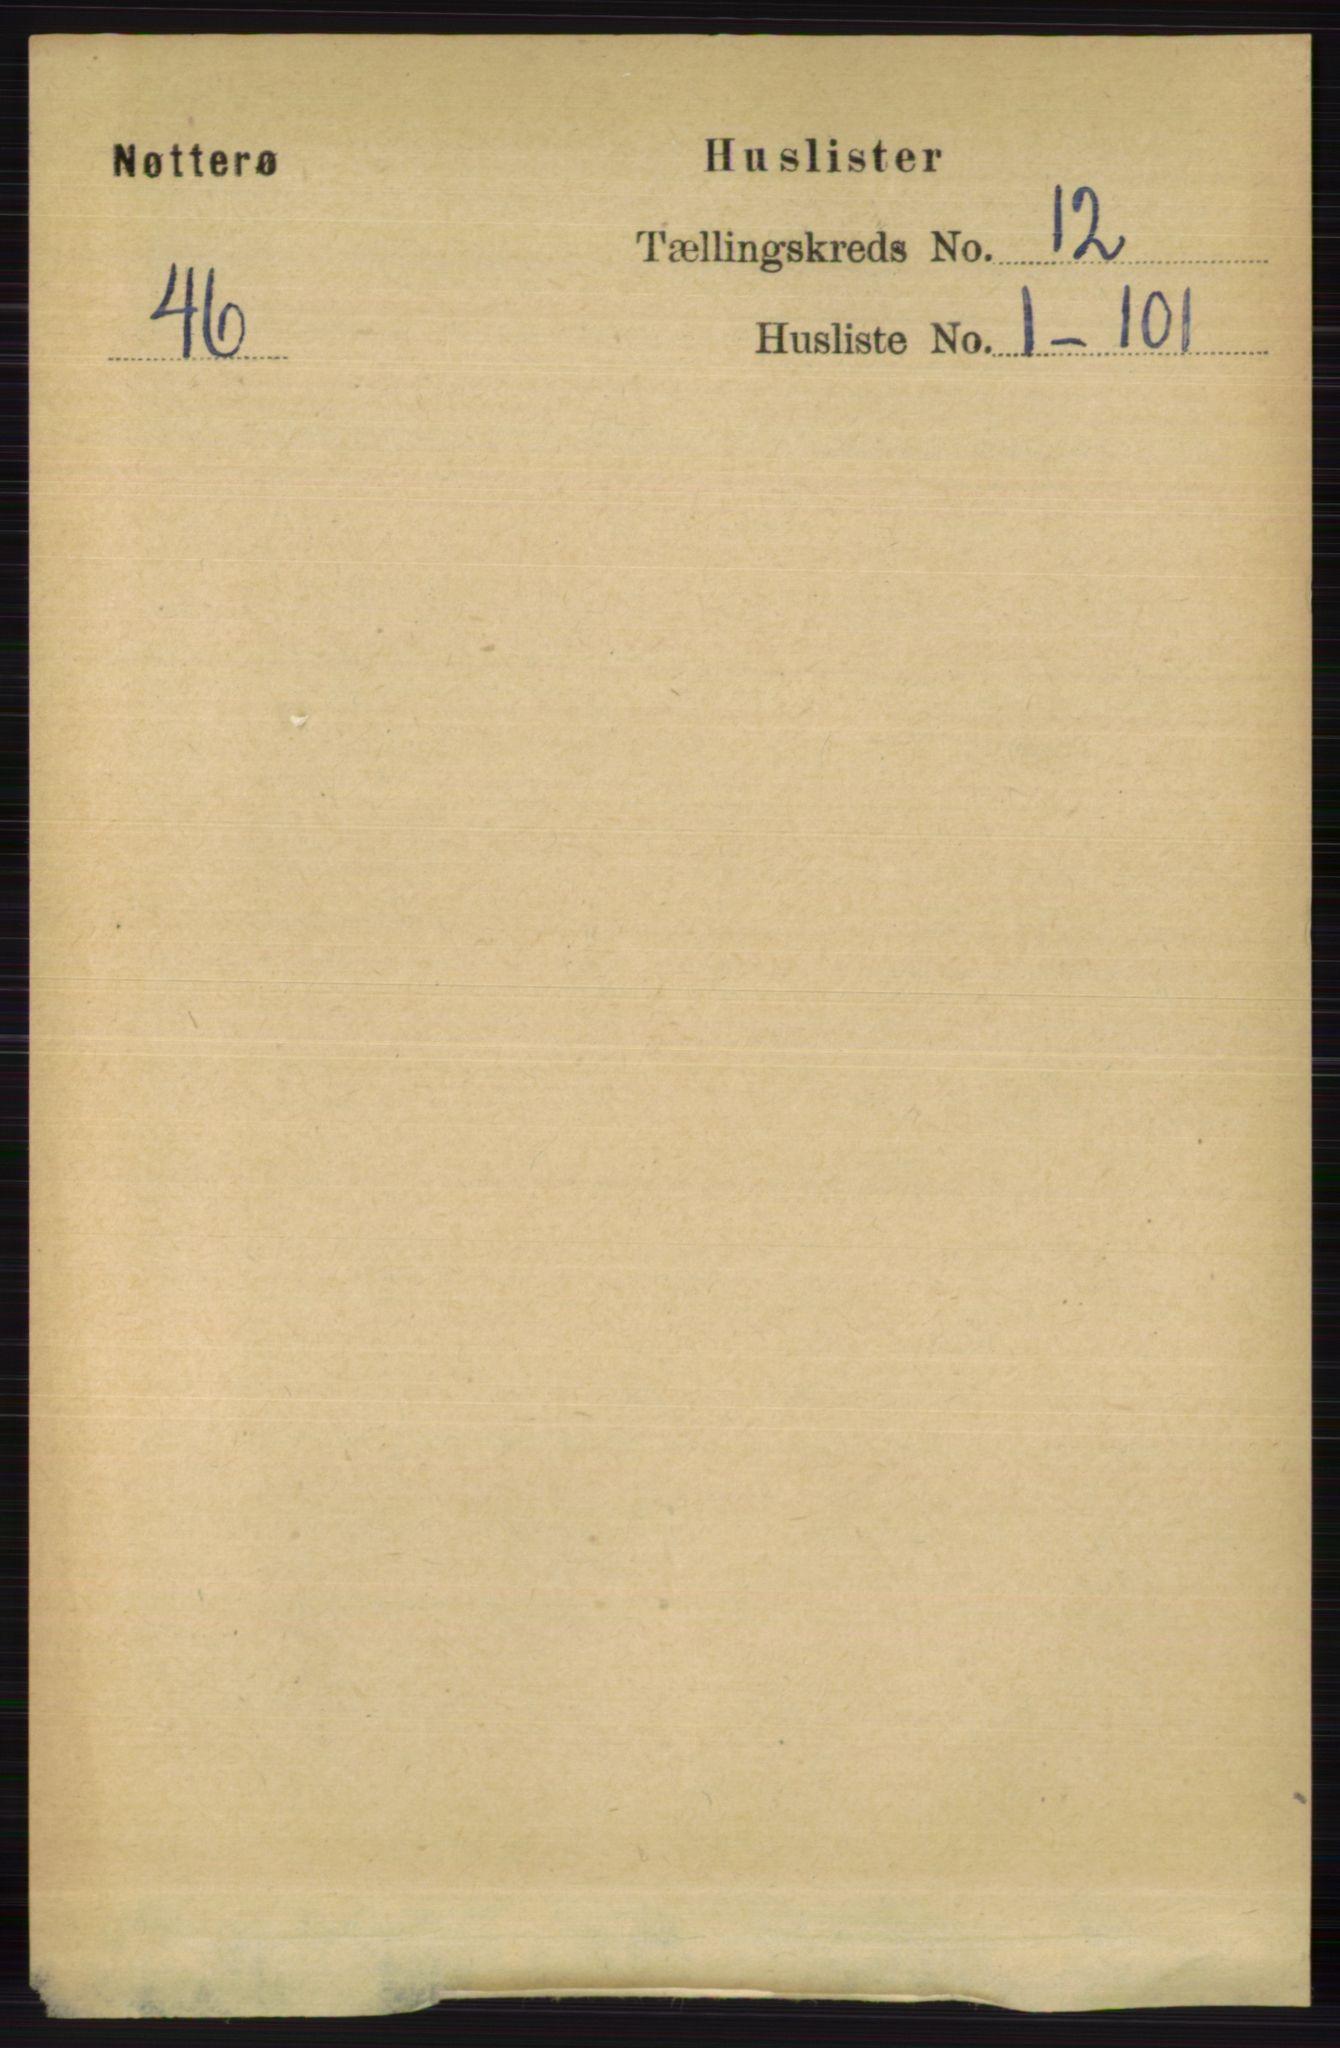 RA, Folketelling 1891 for 0722 Nøtterøy herred, 1891, s. 6277